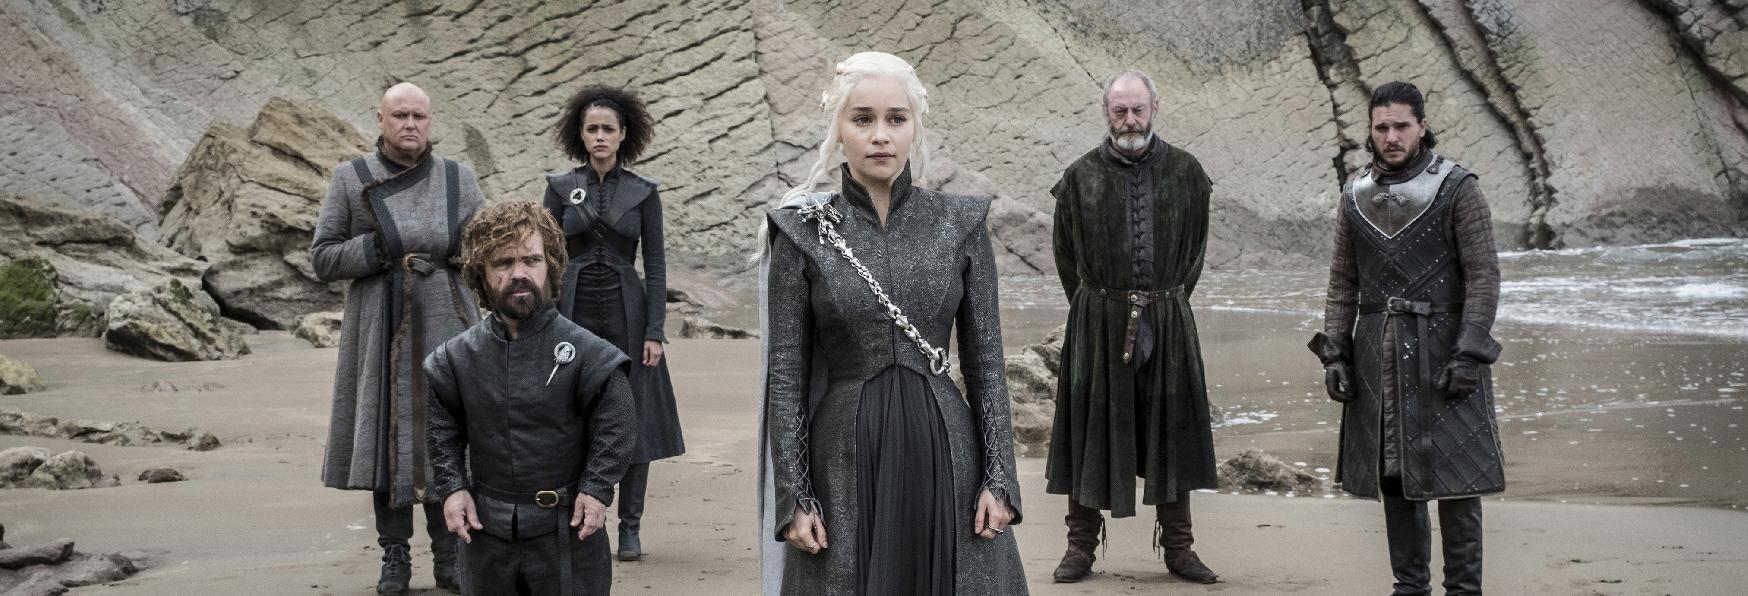 Game of Thrones 7: La Risposta degli Sceneggiatori alle Critiche